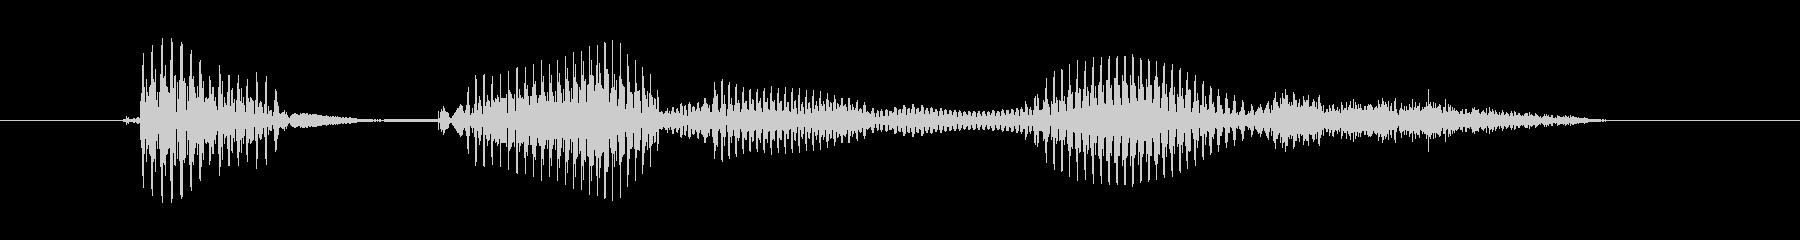 あたりですの未再生の波形